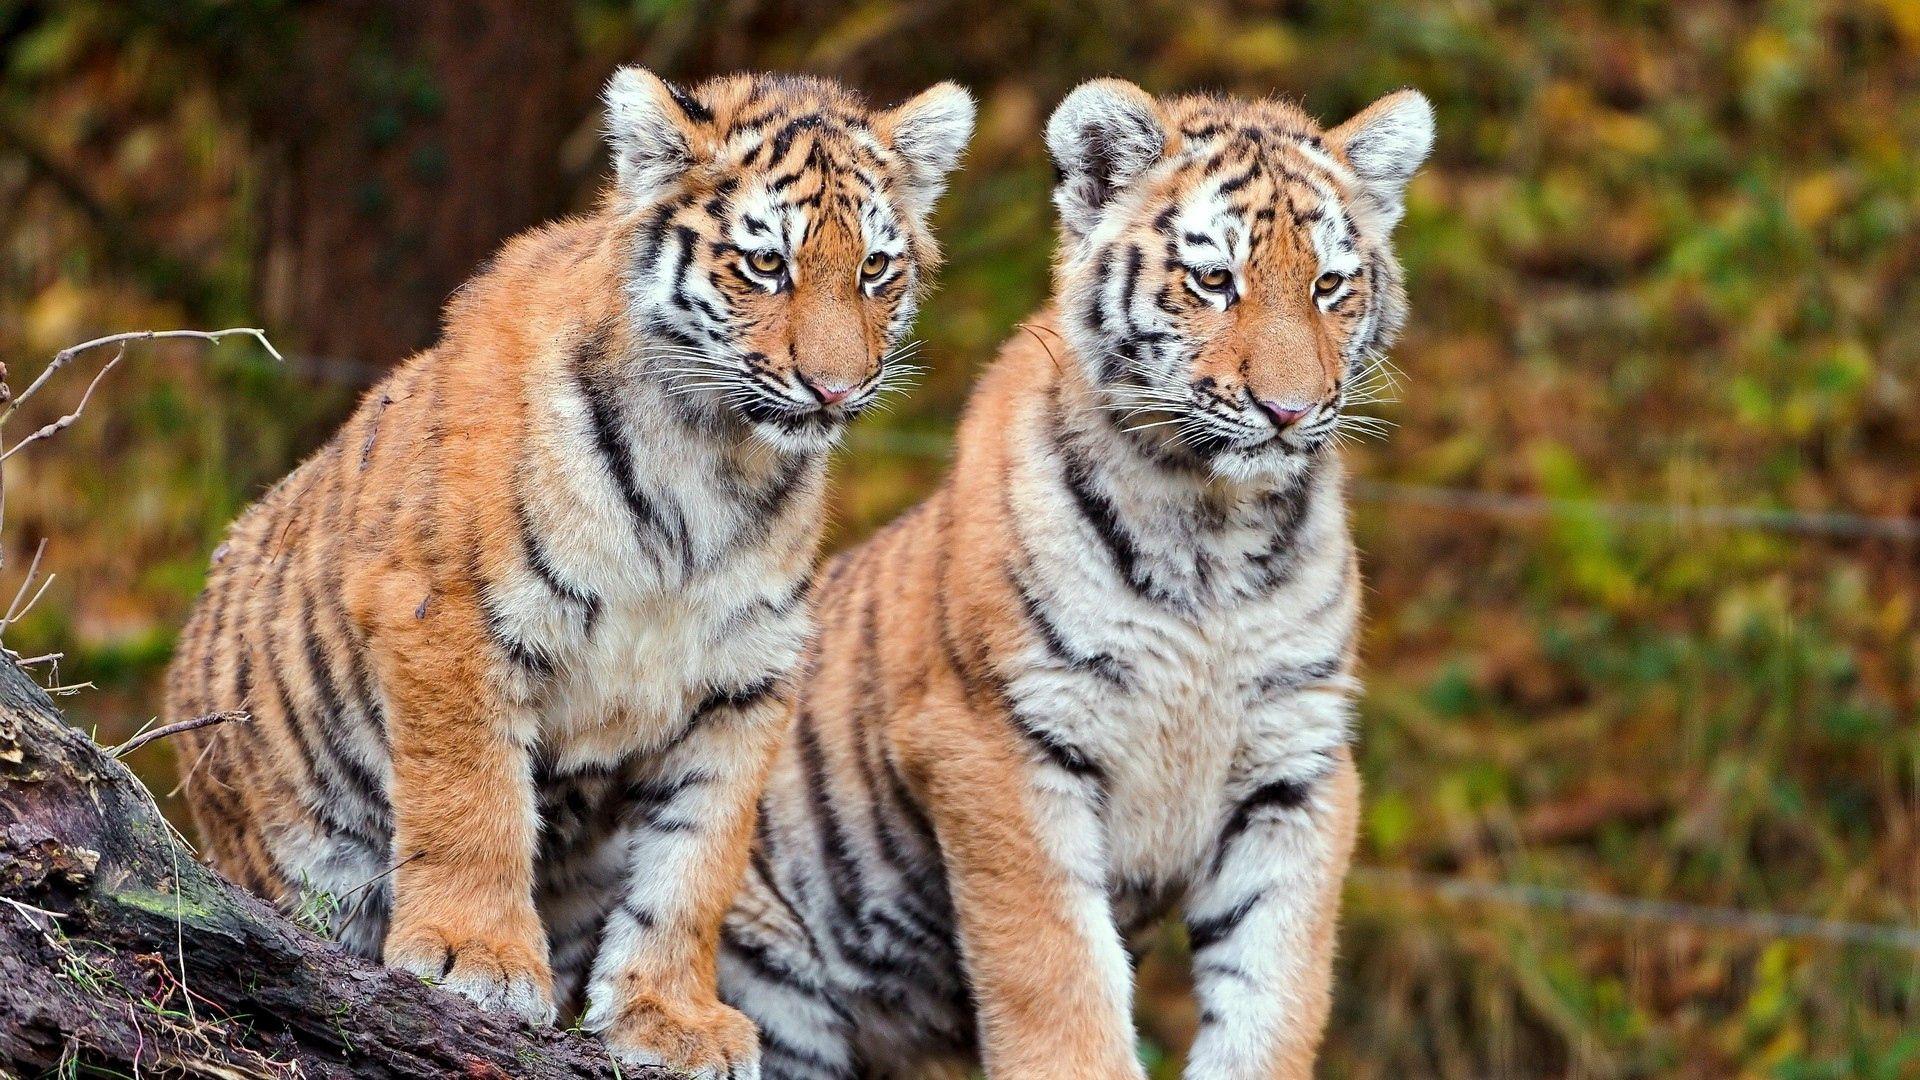 105025壁紙のダウンロード動物, カップル, 双, 座る, 大きな猫, ビッグキャッツ, 阪神タイガース-スクリーンセーバーと写真を無料で